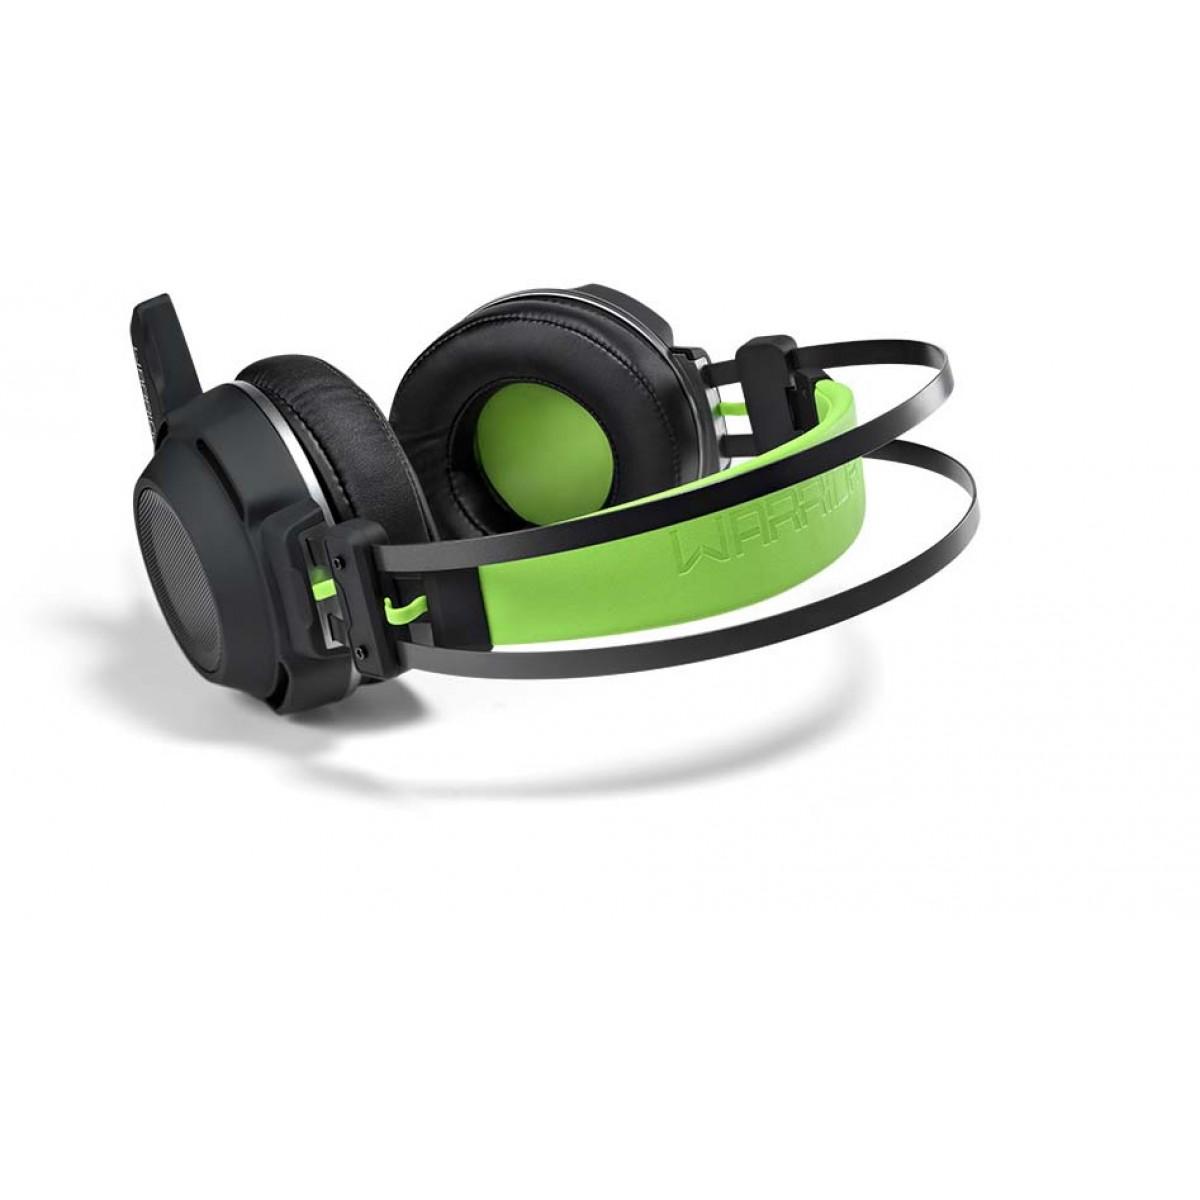 Headset Gamer Warrior Swan, Stereo, USB, Preto/Verde, PH225